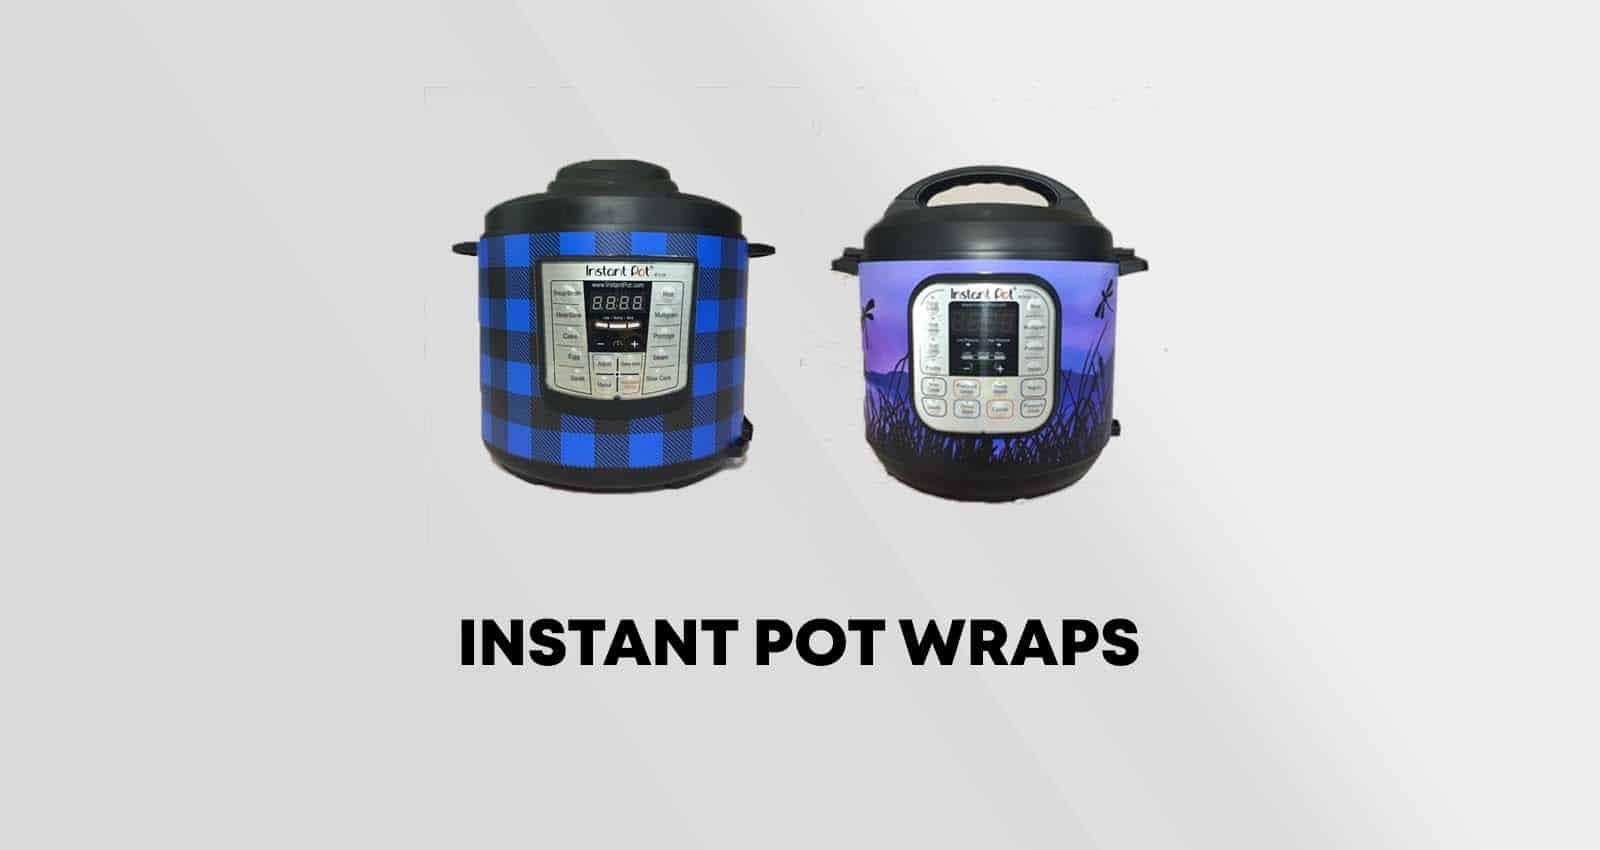 Instant Pot Wraps